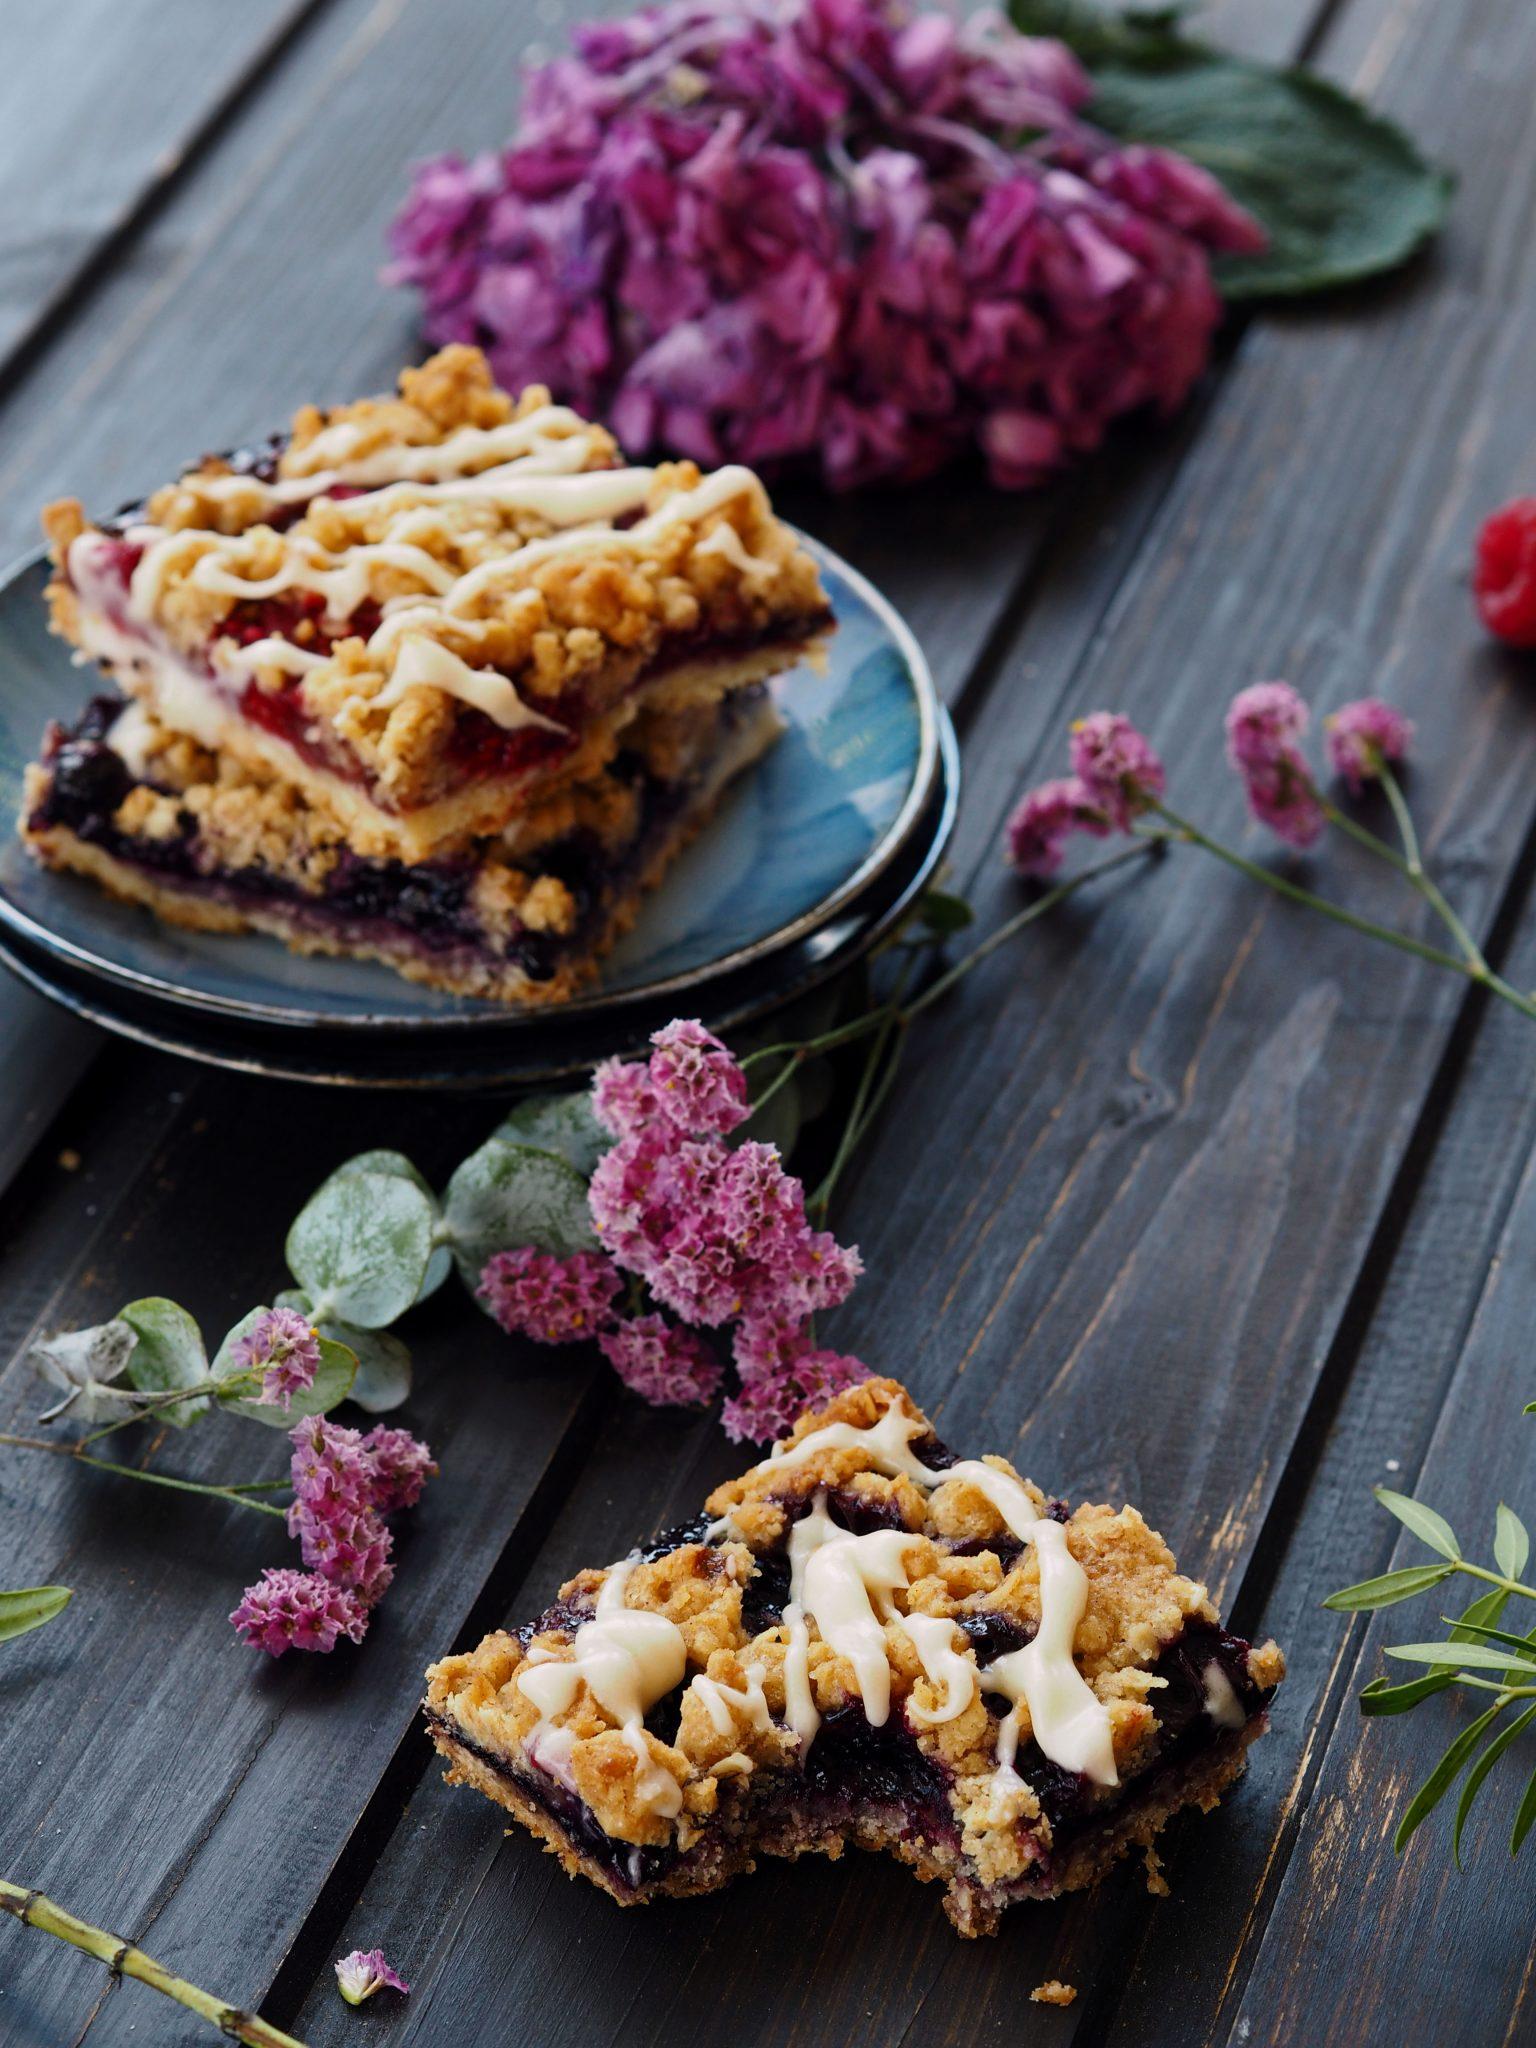 Streusel-Riegel mit Marmelade